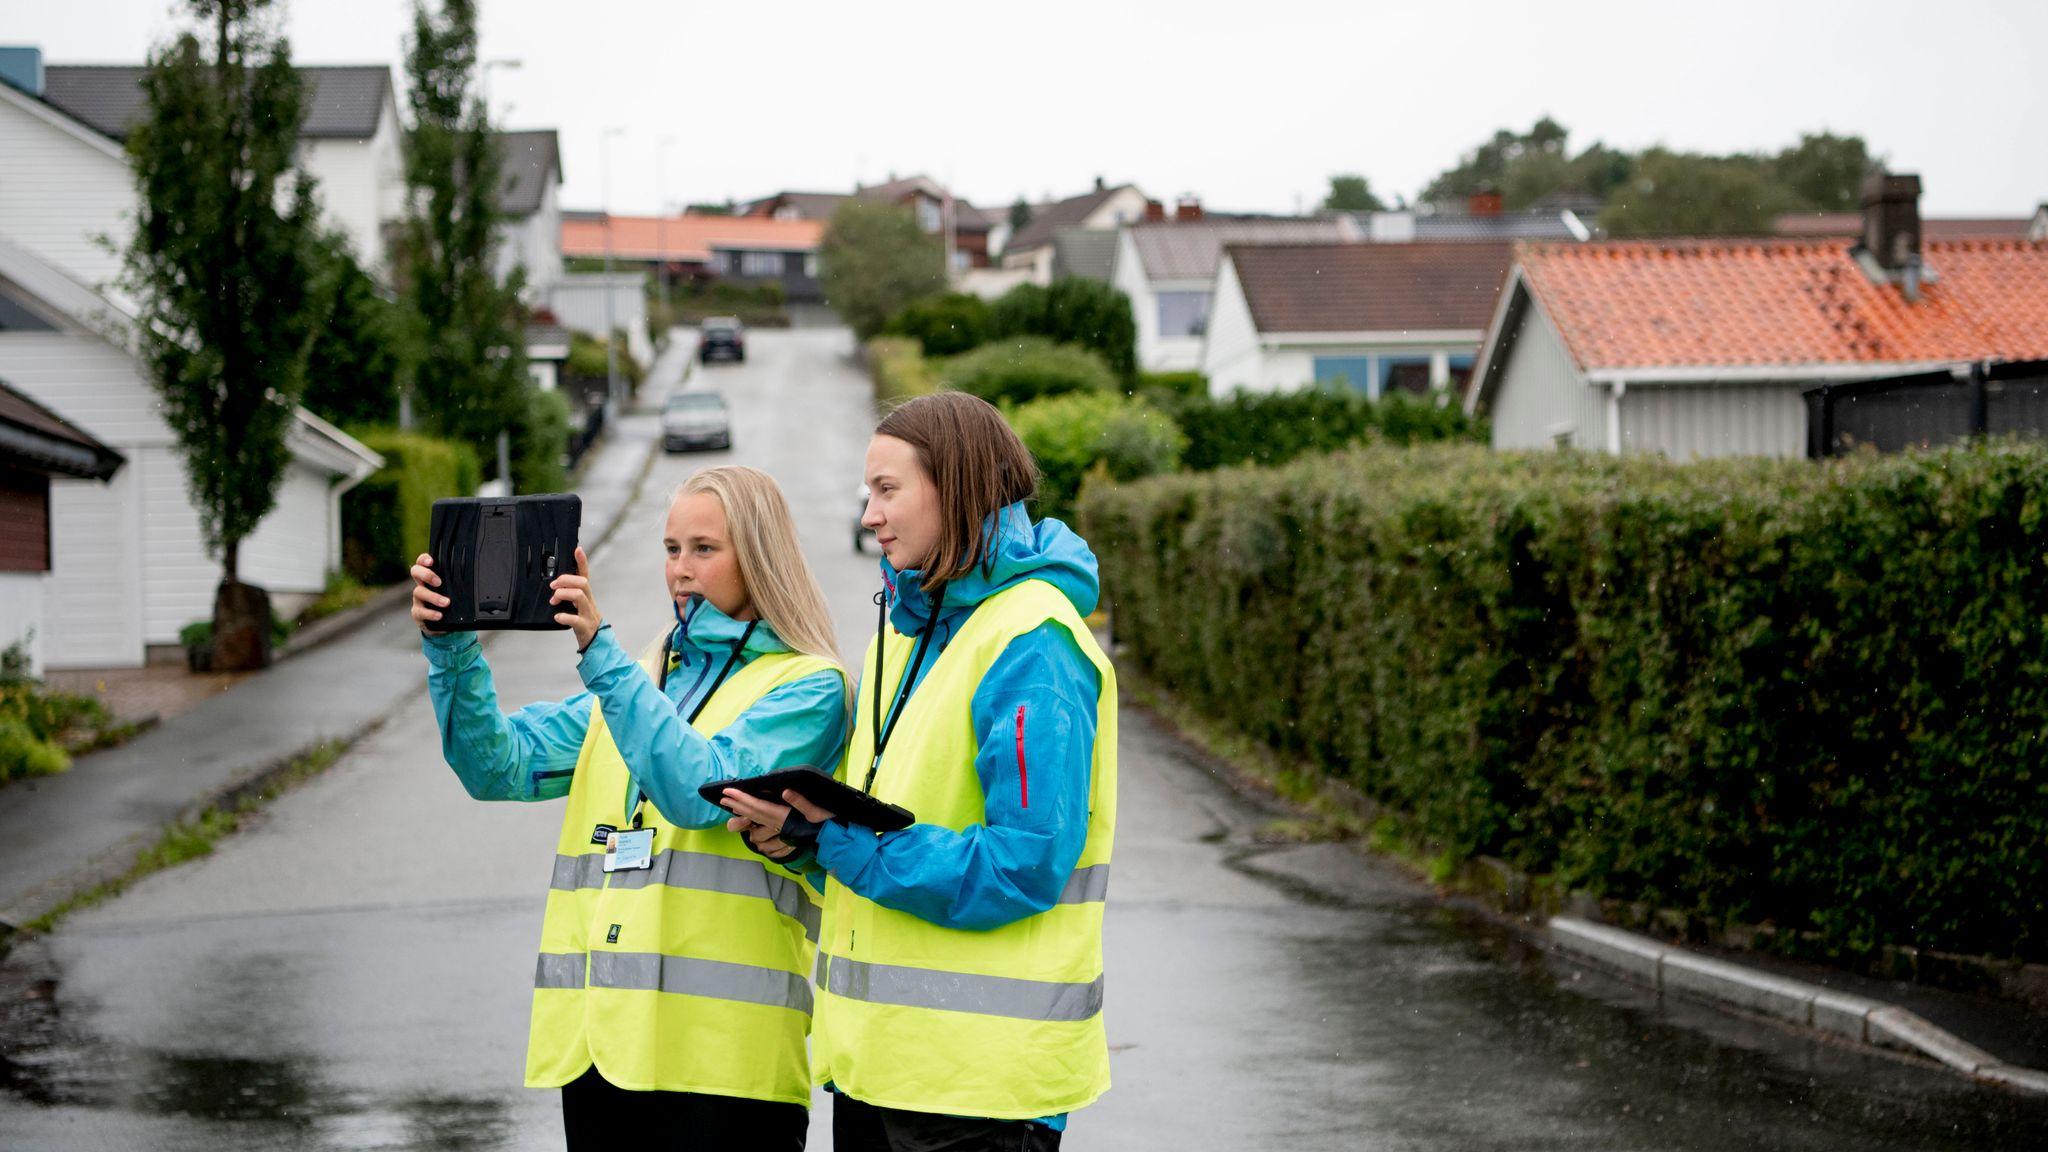 01f09099 I forbindelse med taksering har eier og bruker av en eiendom plikt til å  medvirke til synfaring av eiendommen, og kommunen kan fotografere  eiendommen din.